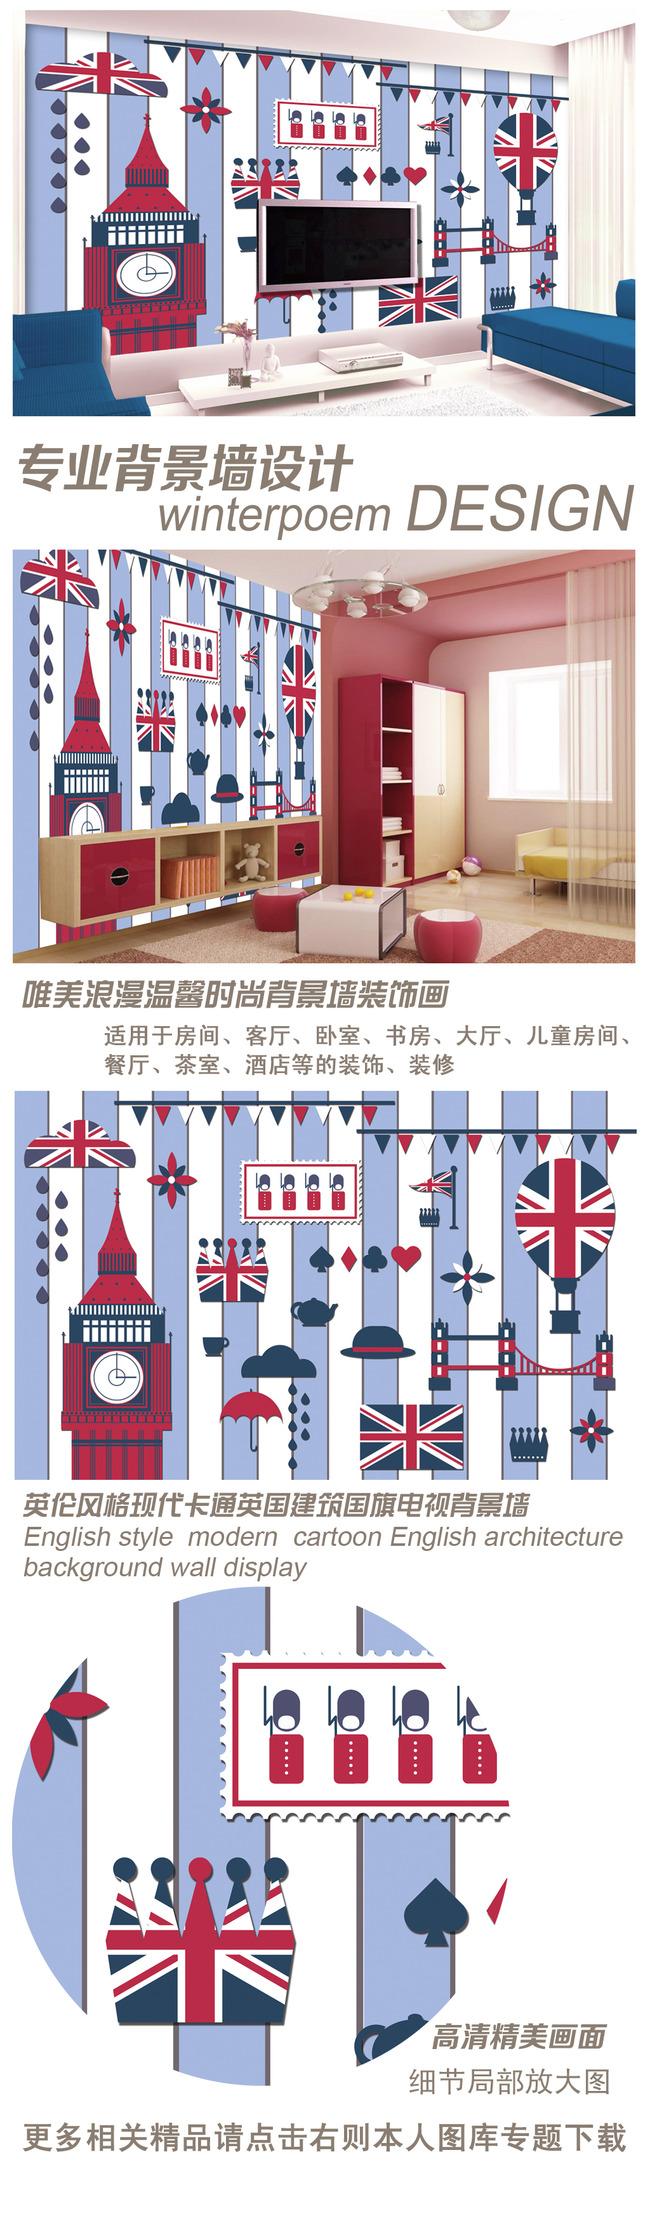 英伦风格现代卡通英国建筑国旗电视背景墙